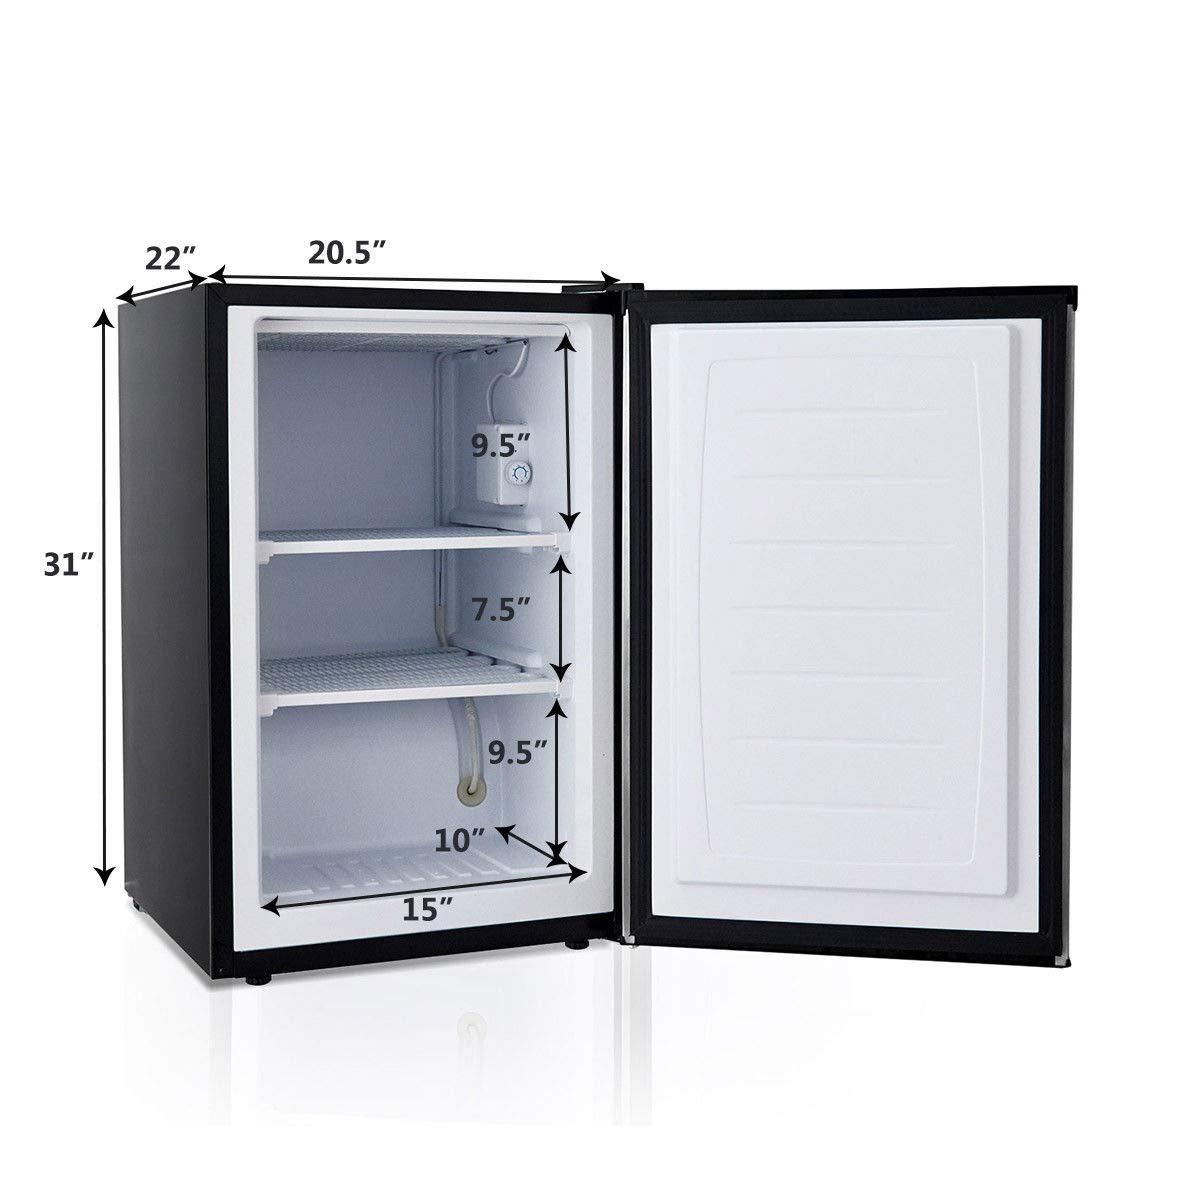 COSTWAY Compact Single Door Upright Freezer - Mini Size with Stainless Steel Door - 3.0 CU FT Capacity - Adjustable by COSTWAY (Image #9)